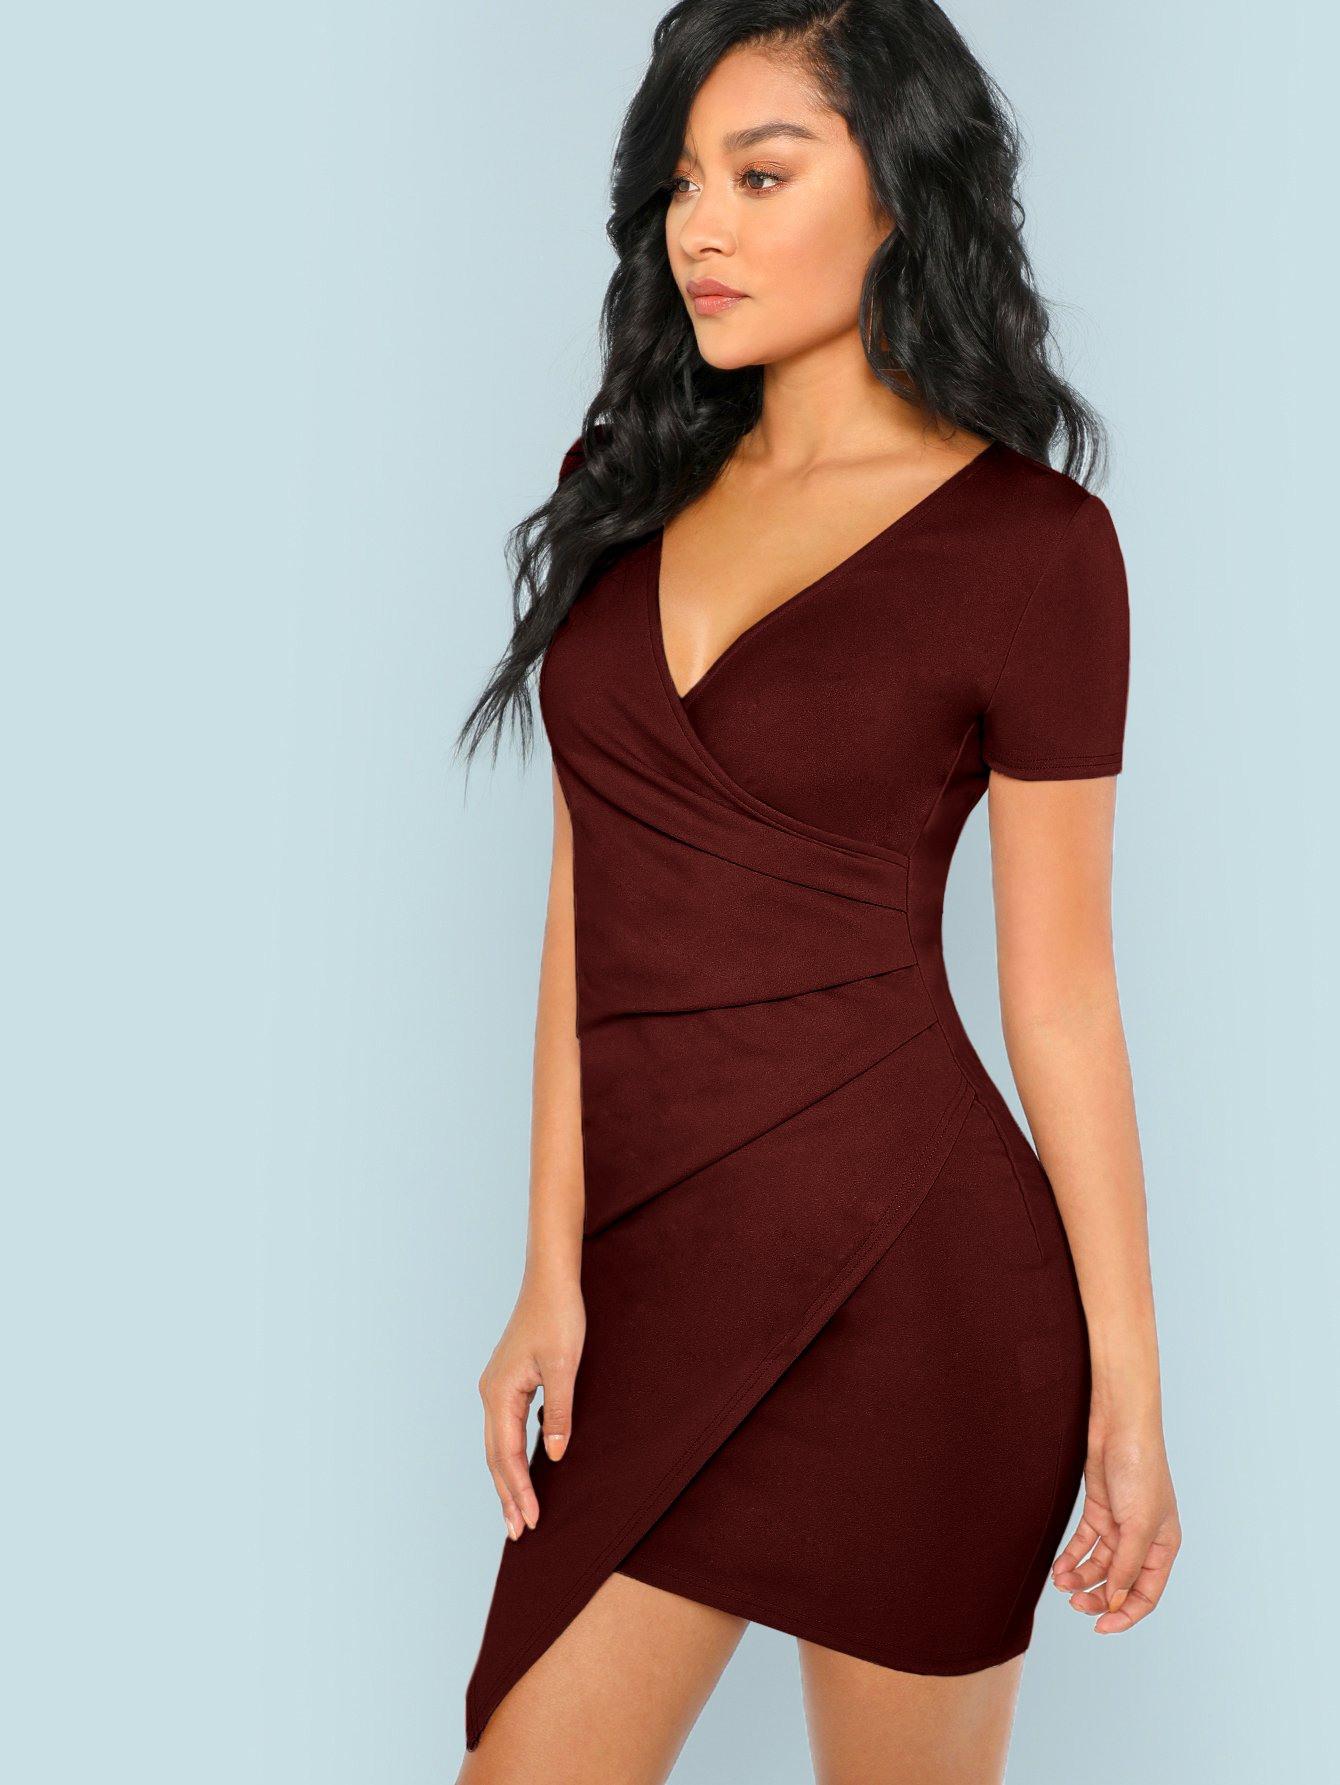 Bordeaux Asymmetrisch Einfarbig Elegant Kleider  Shein